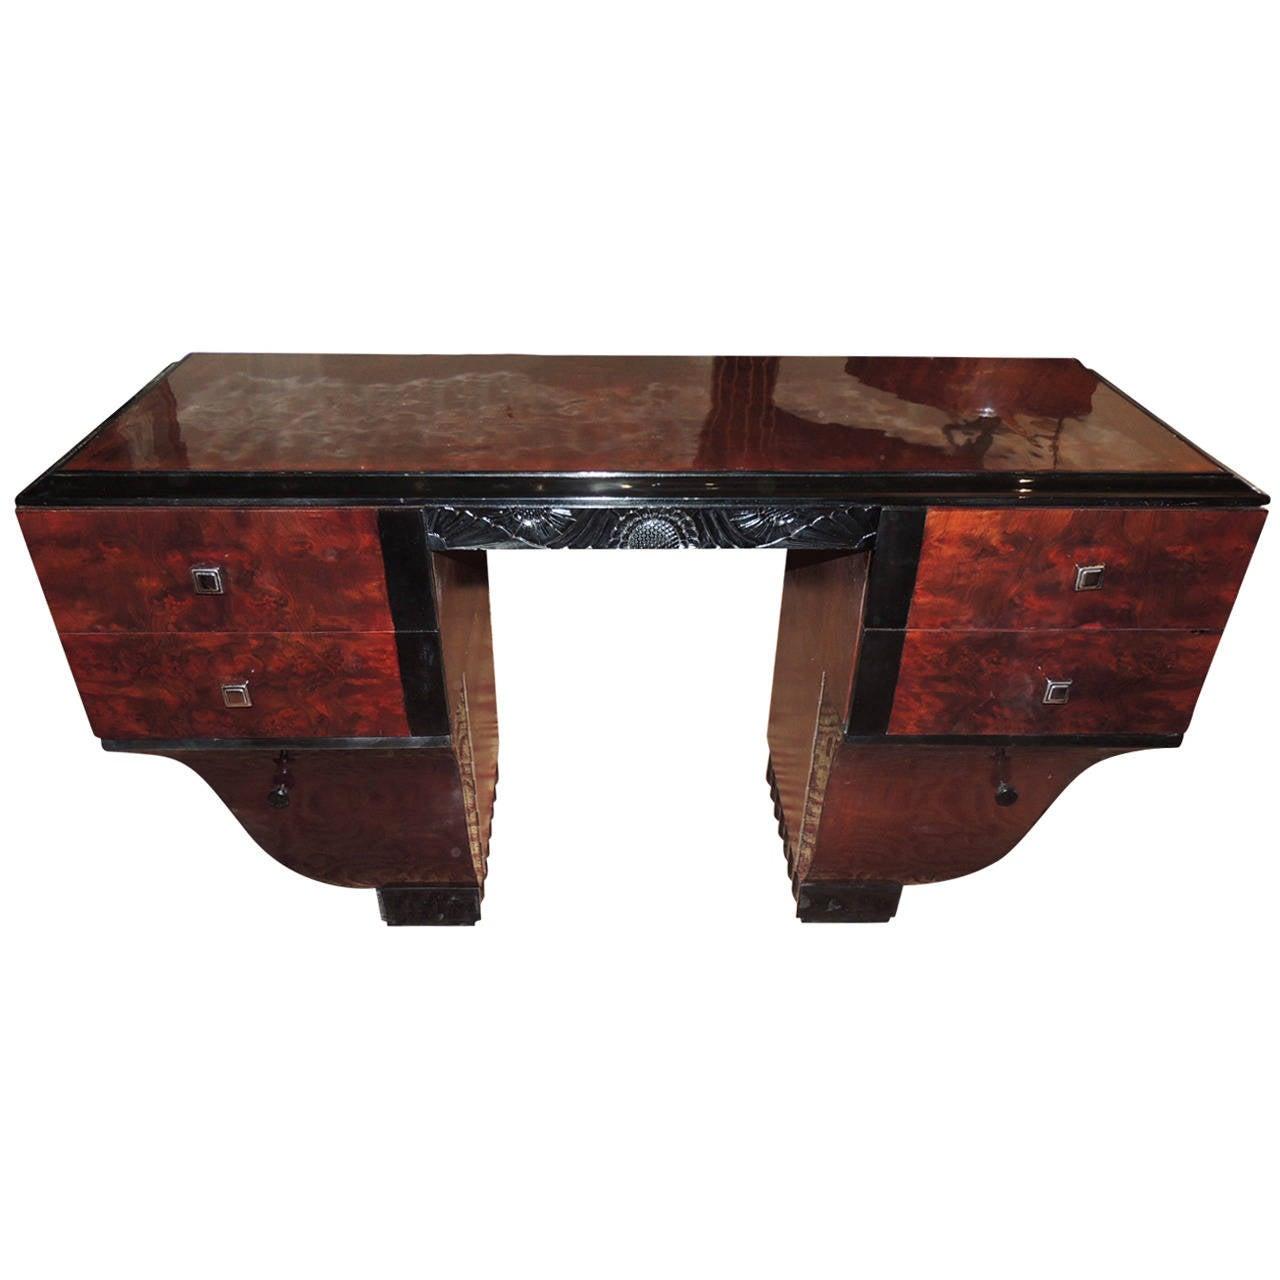 Unique Symmetrical Art Deco Desk French Style For Sale At